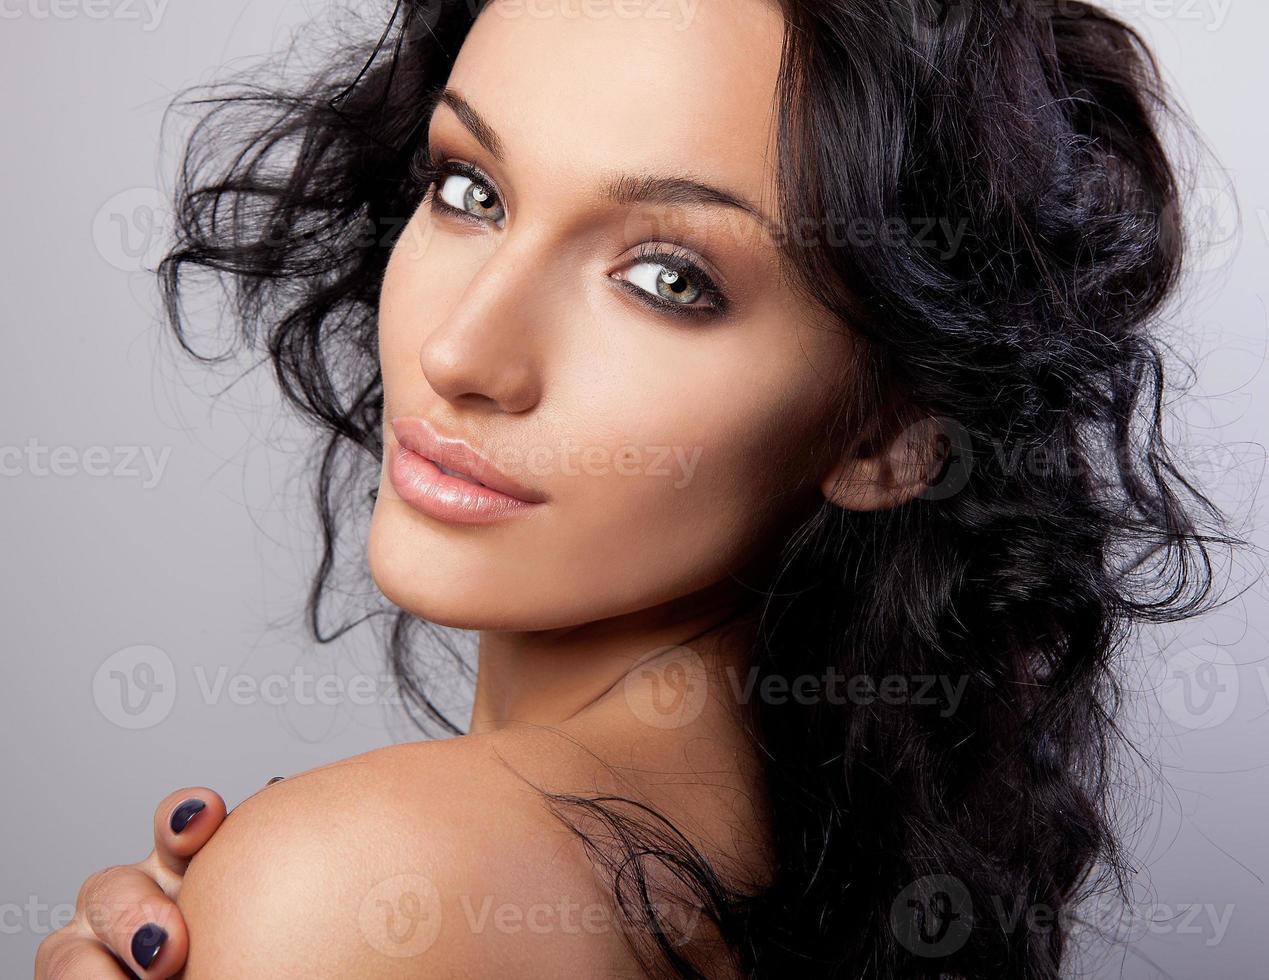 portret van een jonge schoonheid. close-up studiofoto. foto